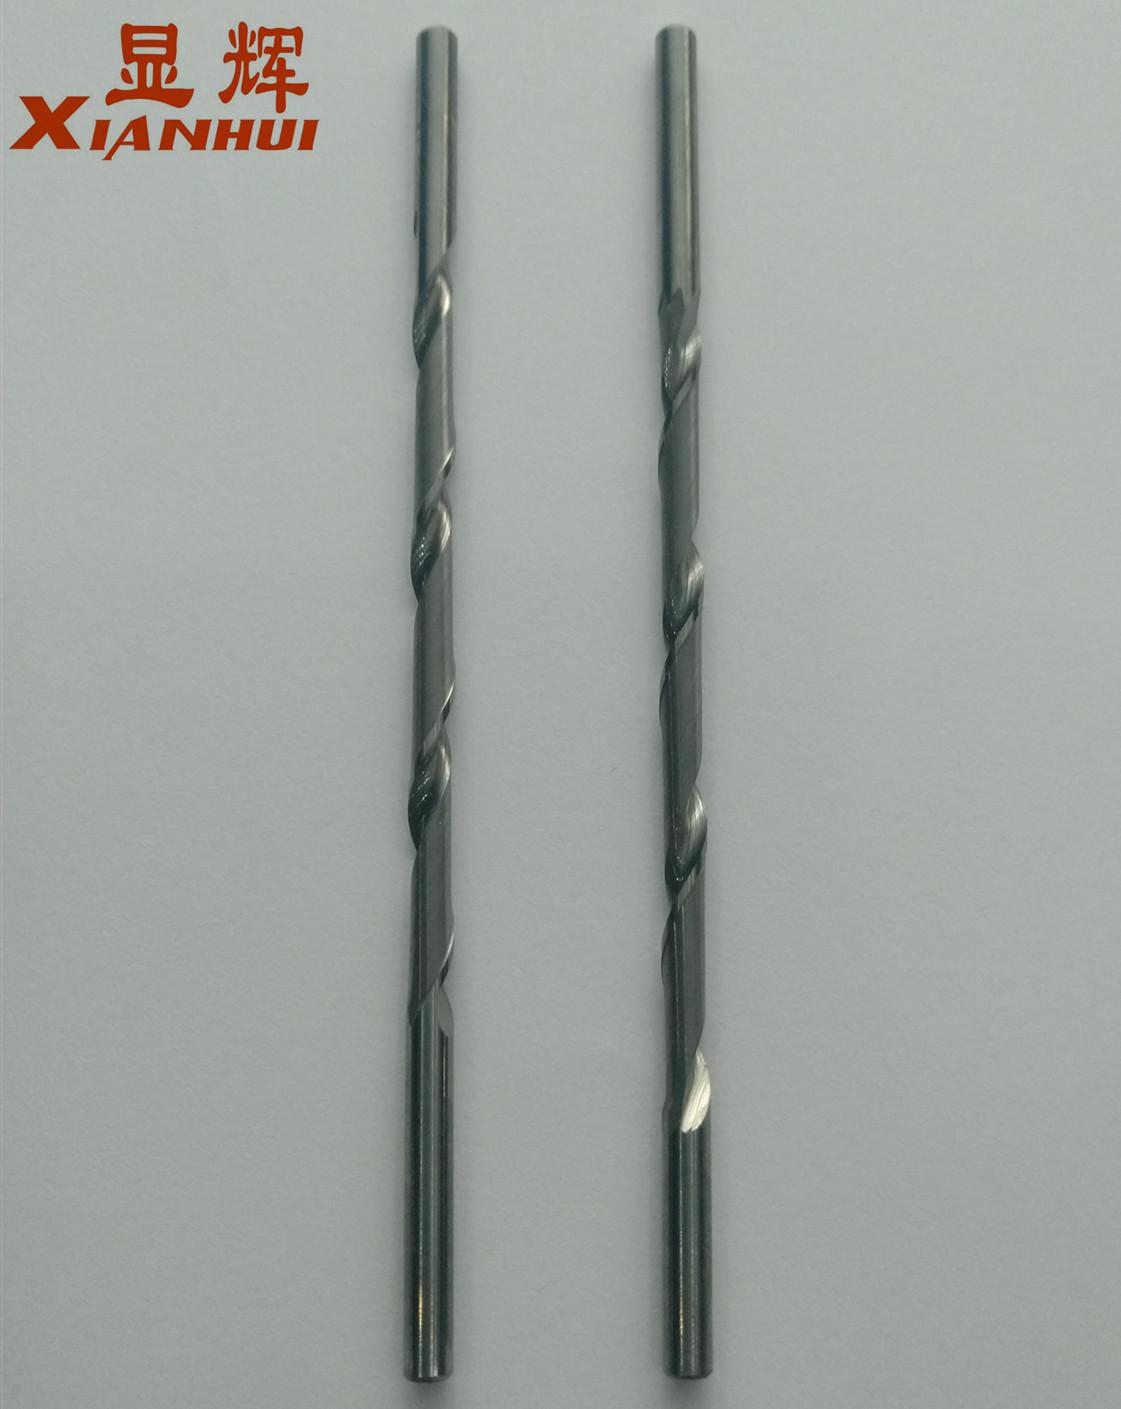 双头单刃螺旋开料刀具 进口94度钨钢铣刀 实木机械开料刀